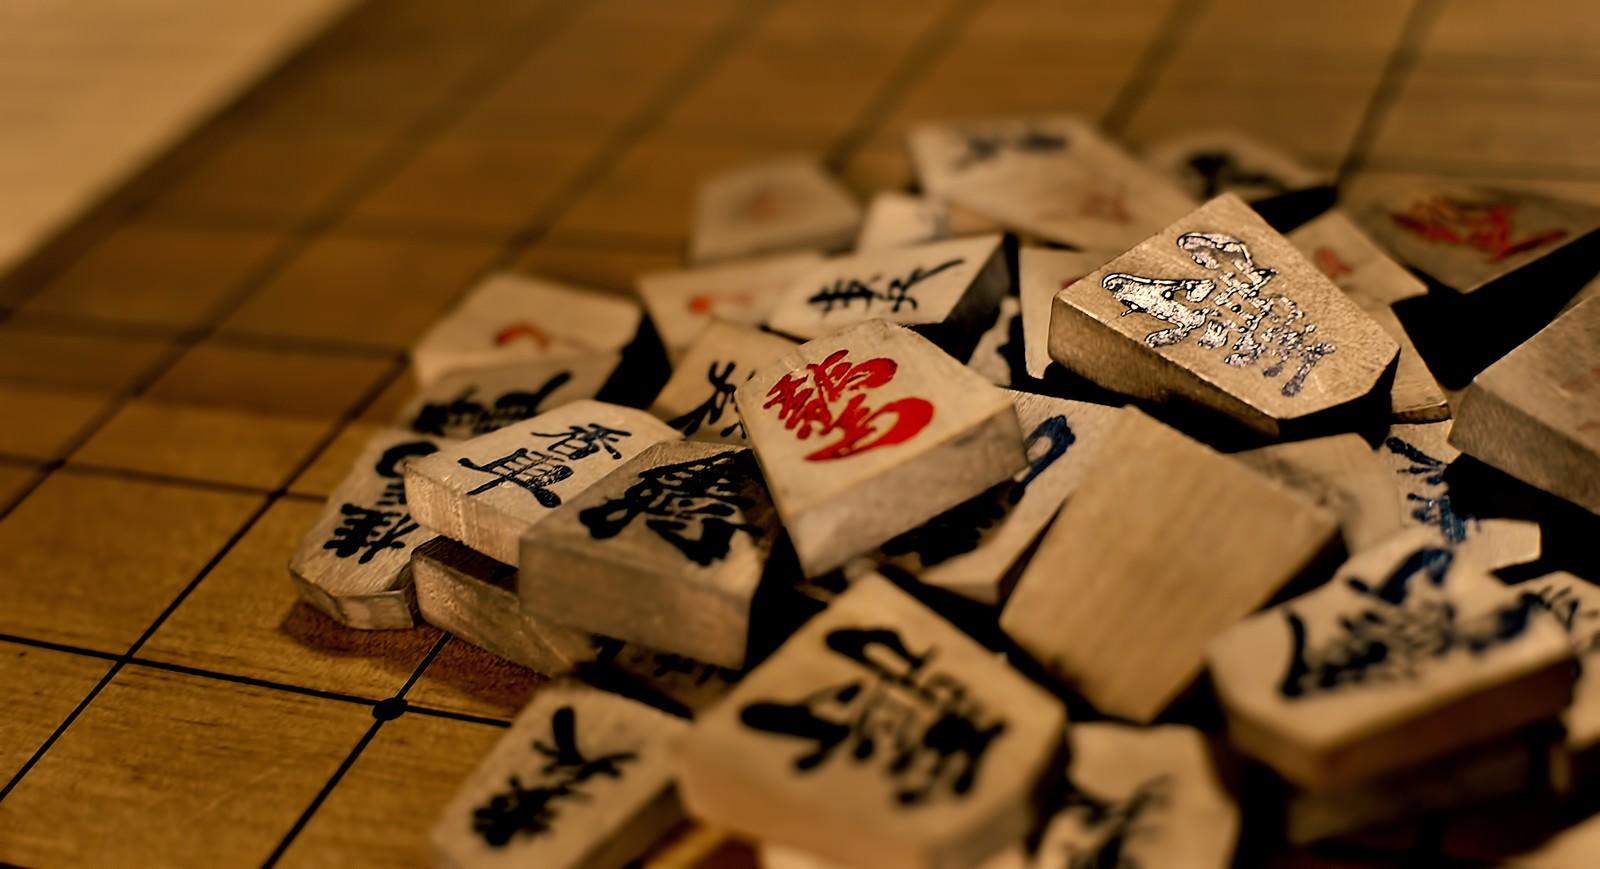 「崩し将棋」の写真